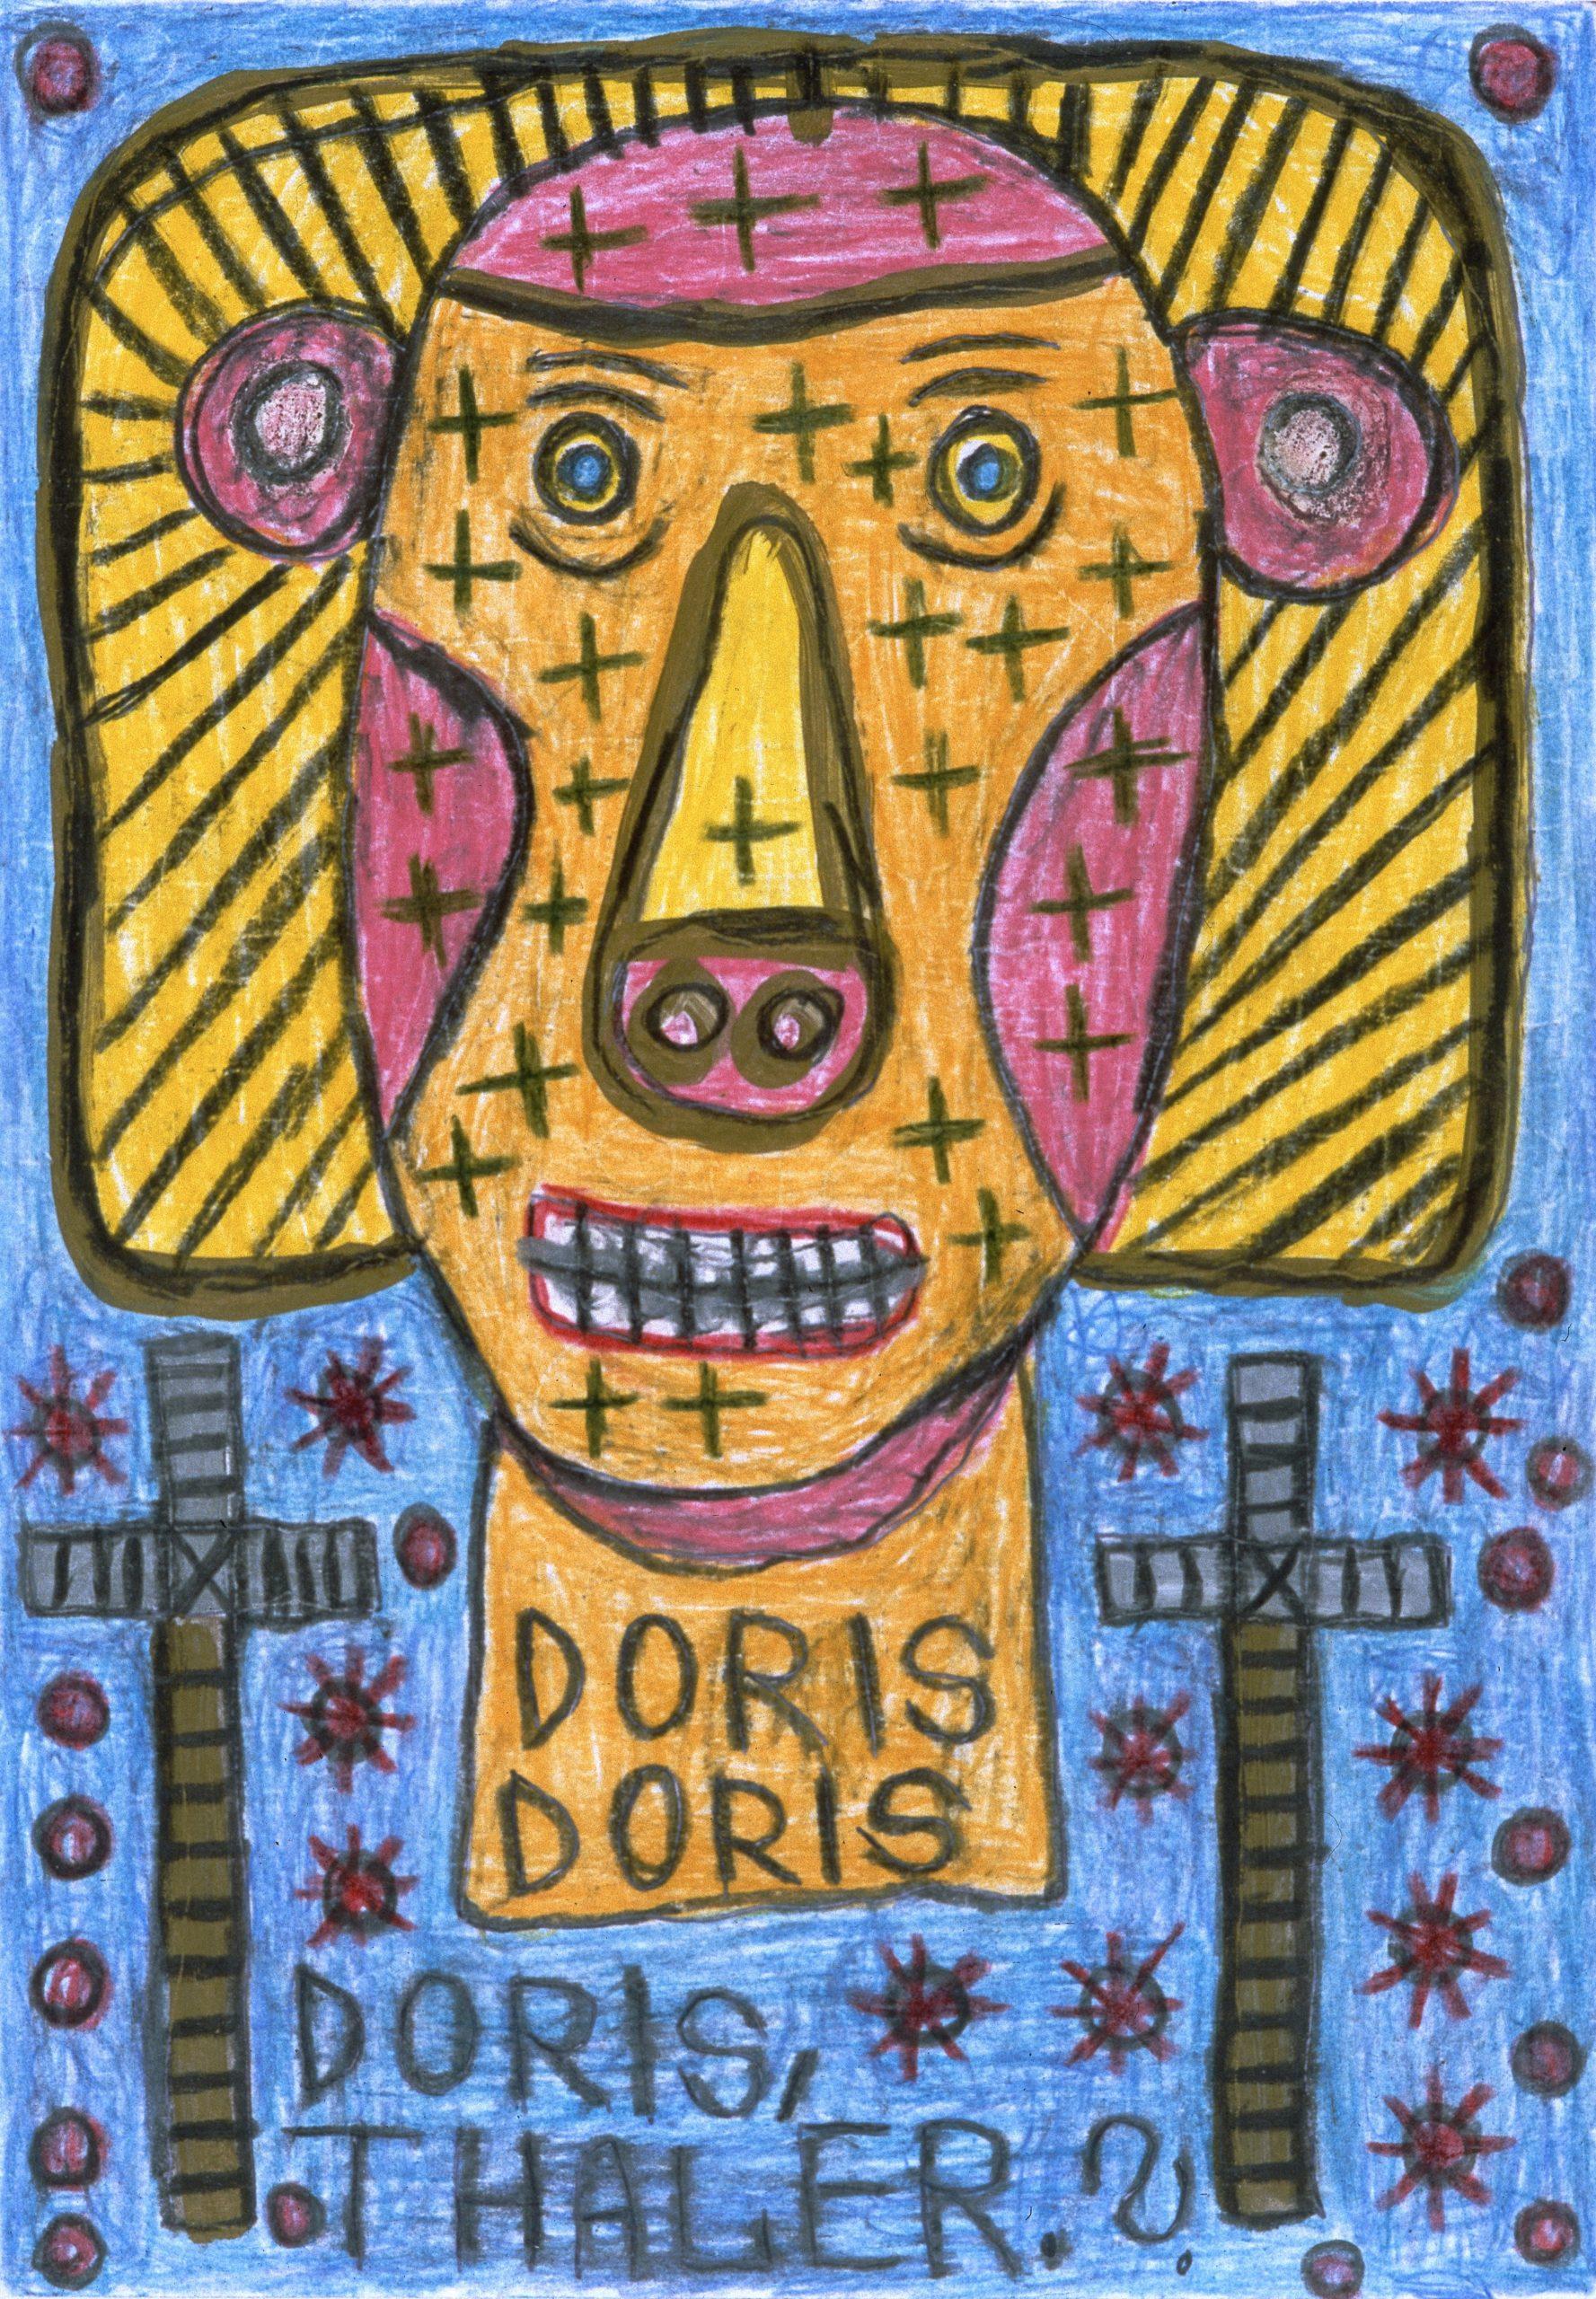 walla august - DORIS, THALER.?